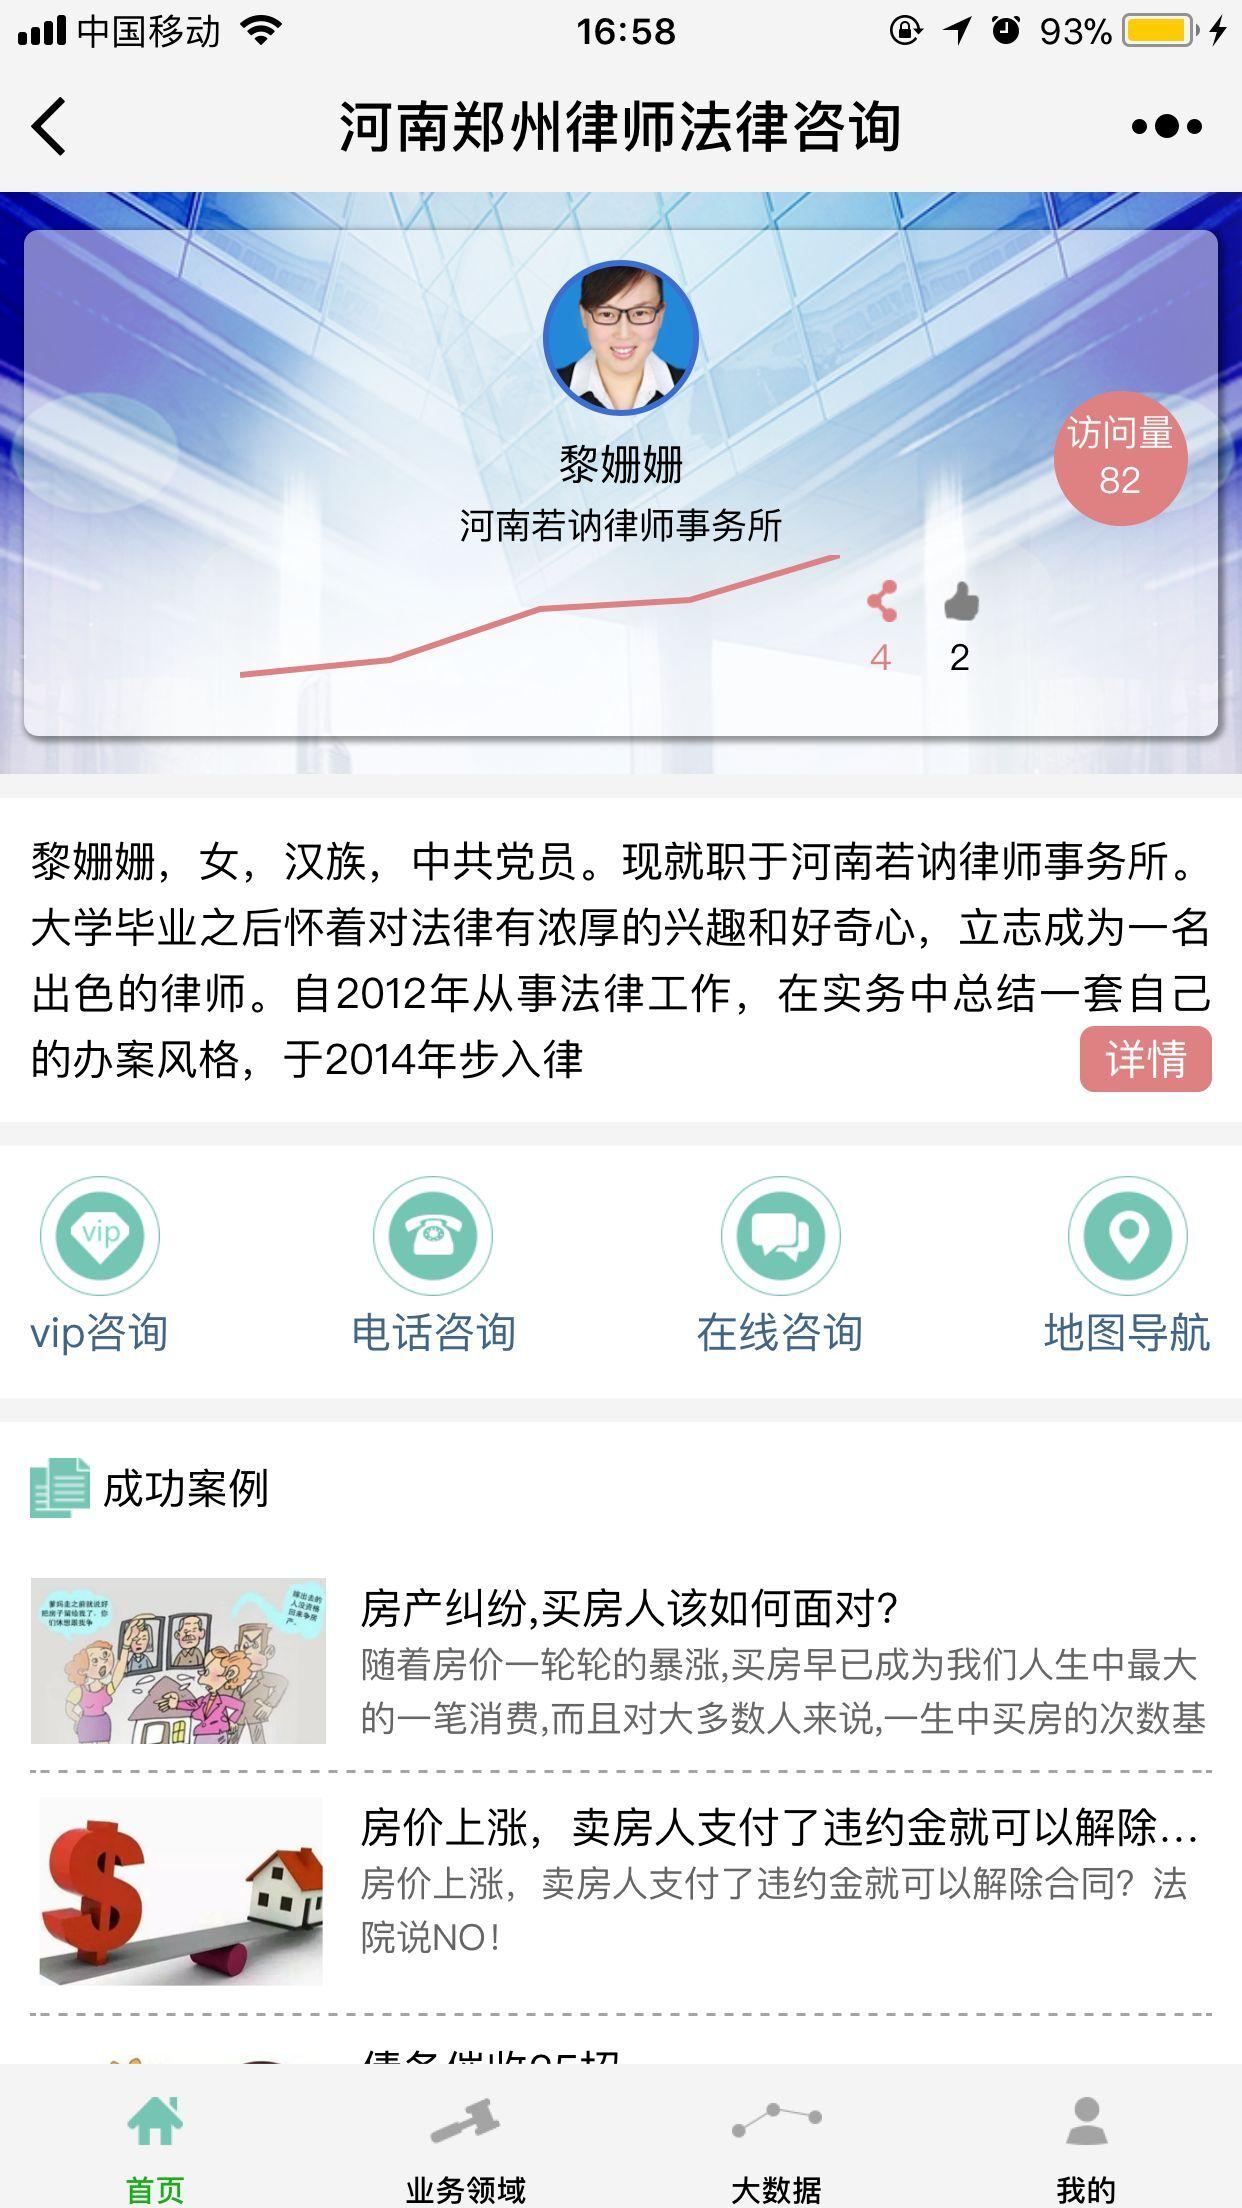 河南郑州律师法律咨询小程序